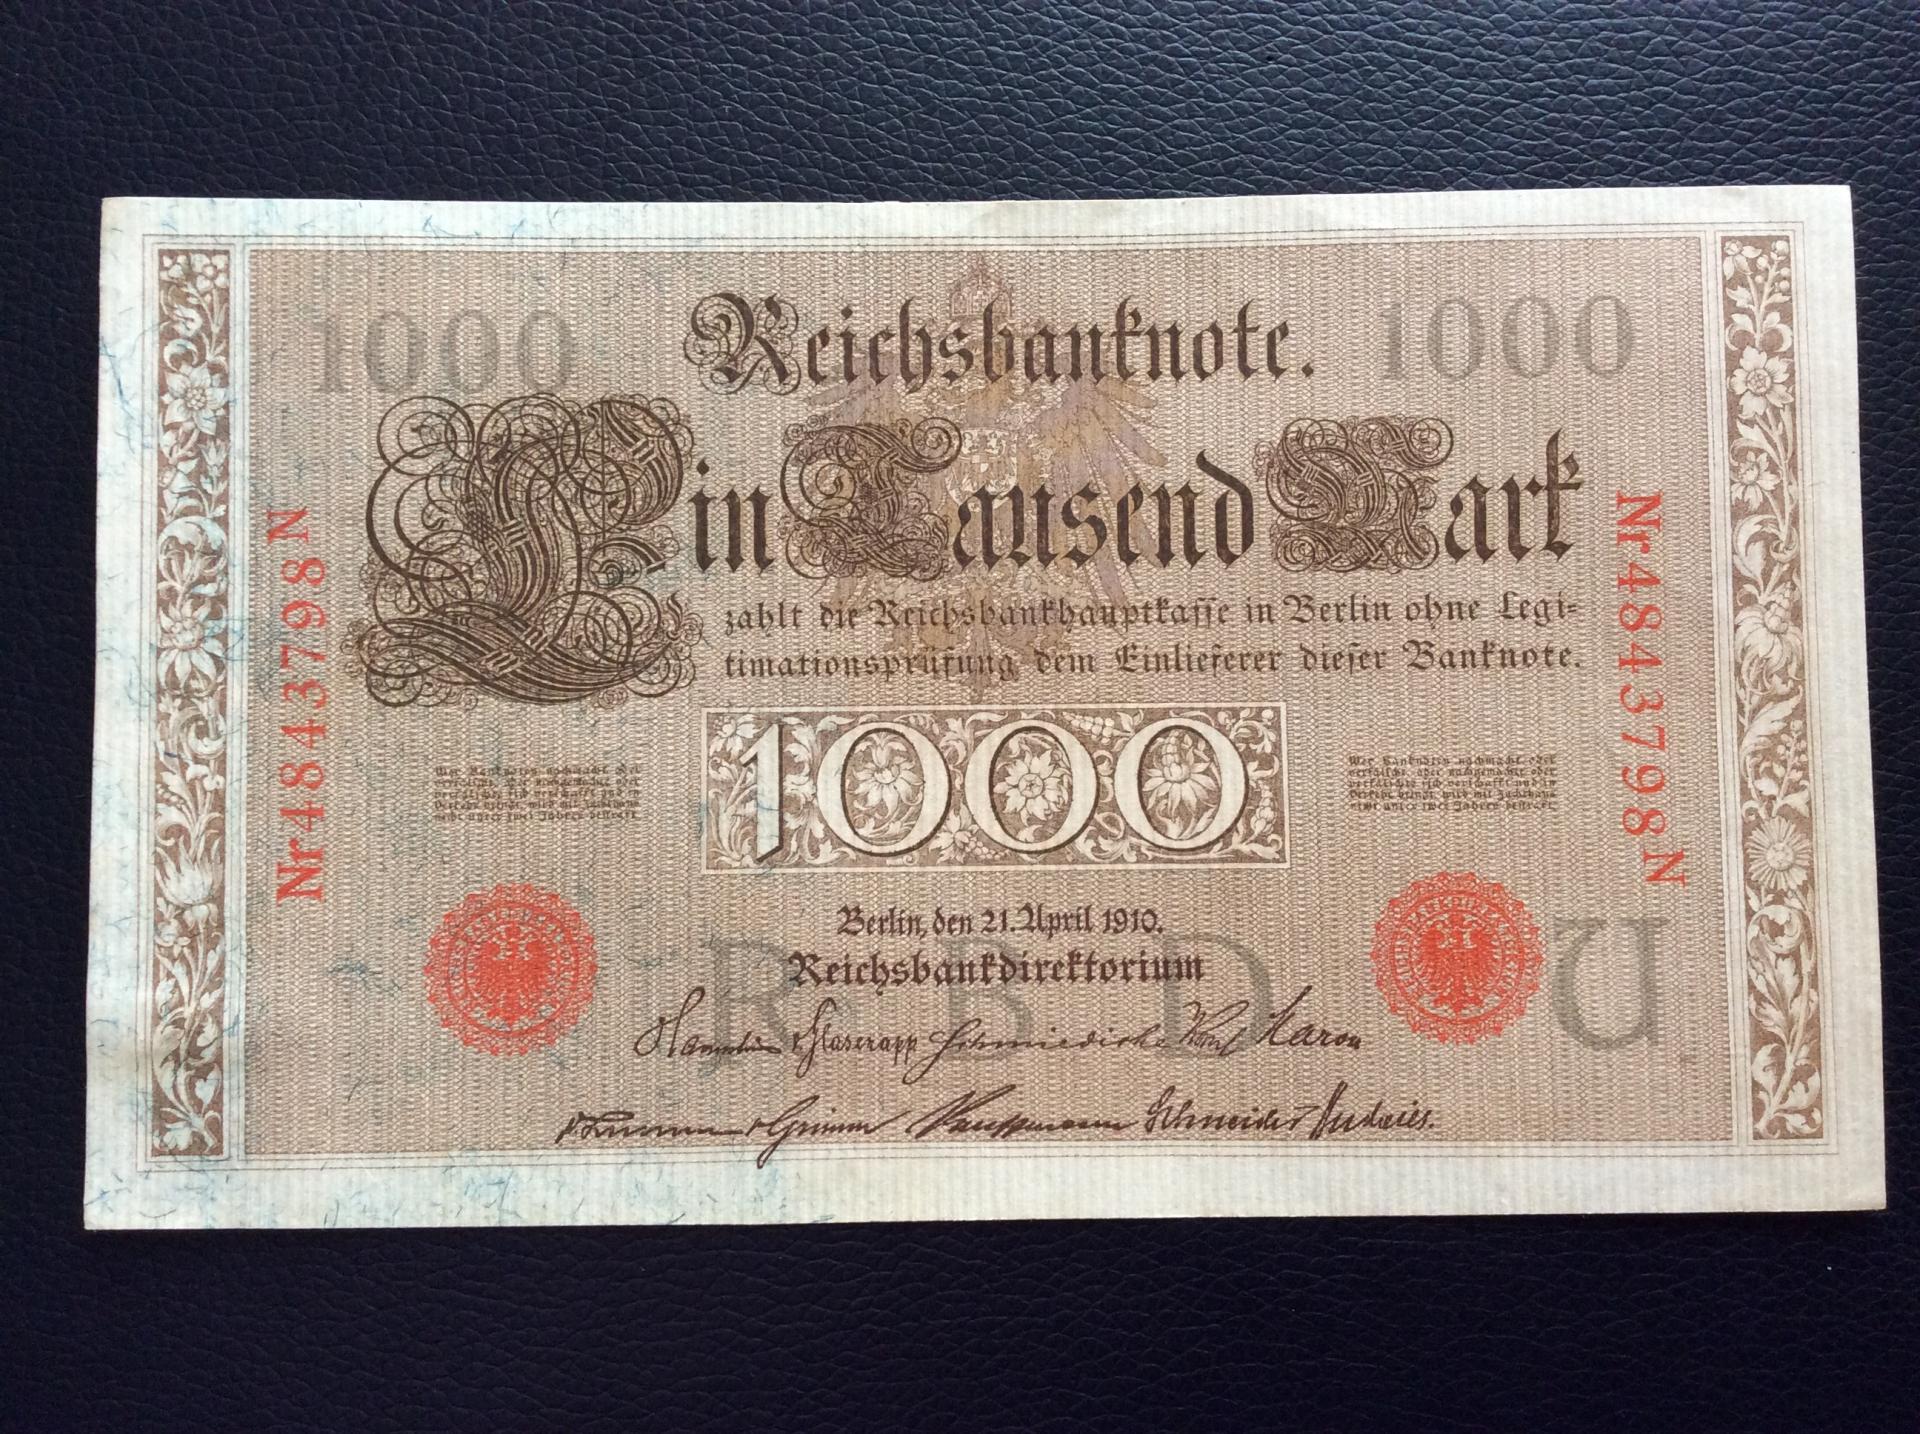 1000 MARK 1910 - BERLÍN ALEMANIA - REICHSBANKNOTE